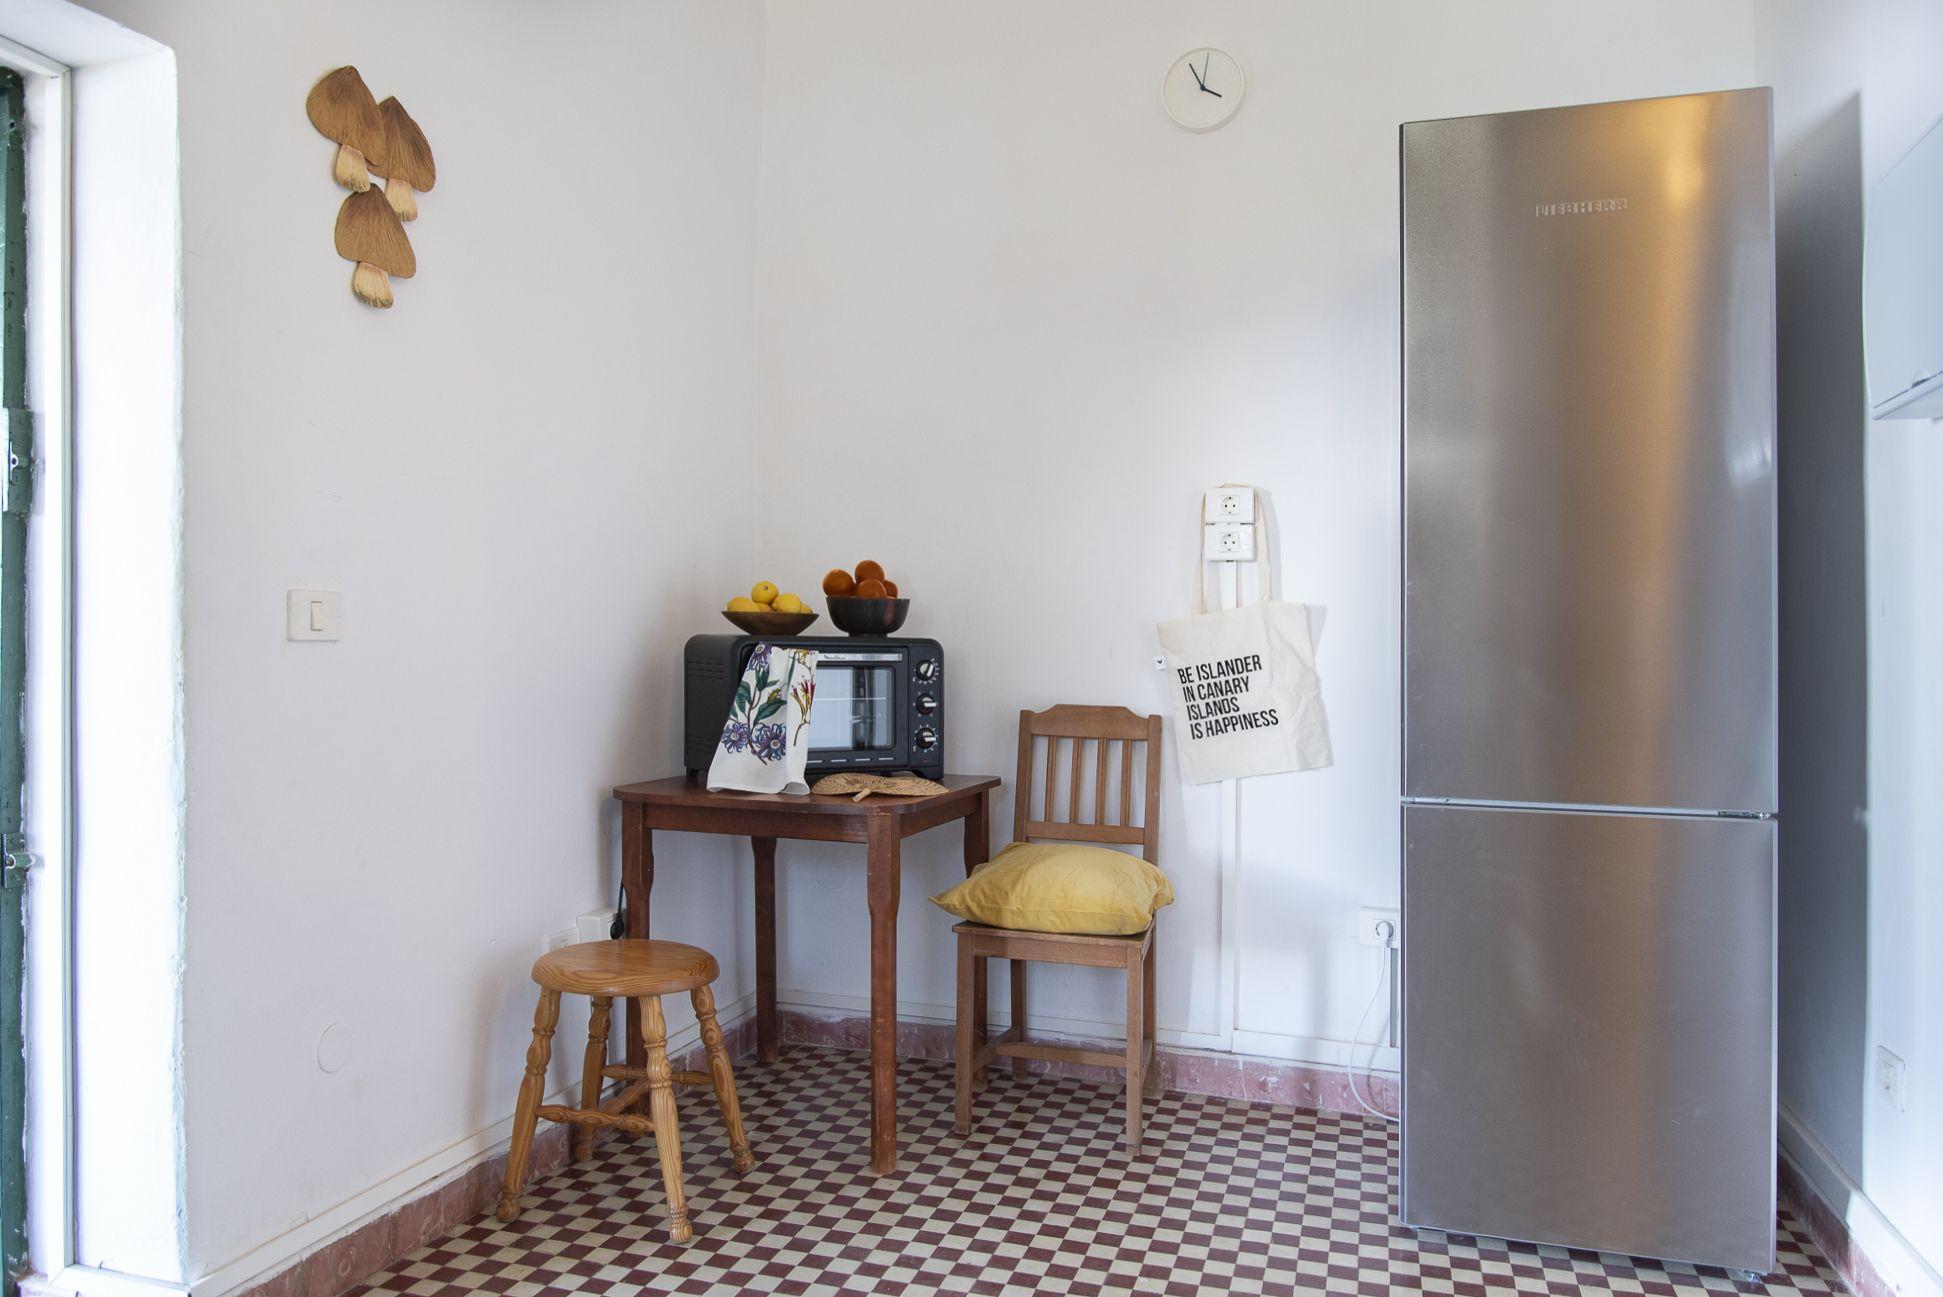 La Casa del Laurel - Cocina